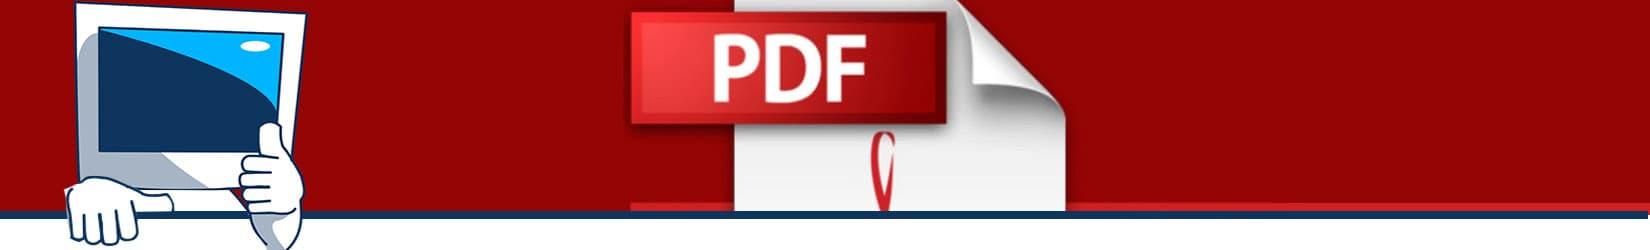 como abrir un pdf